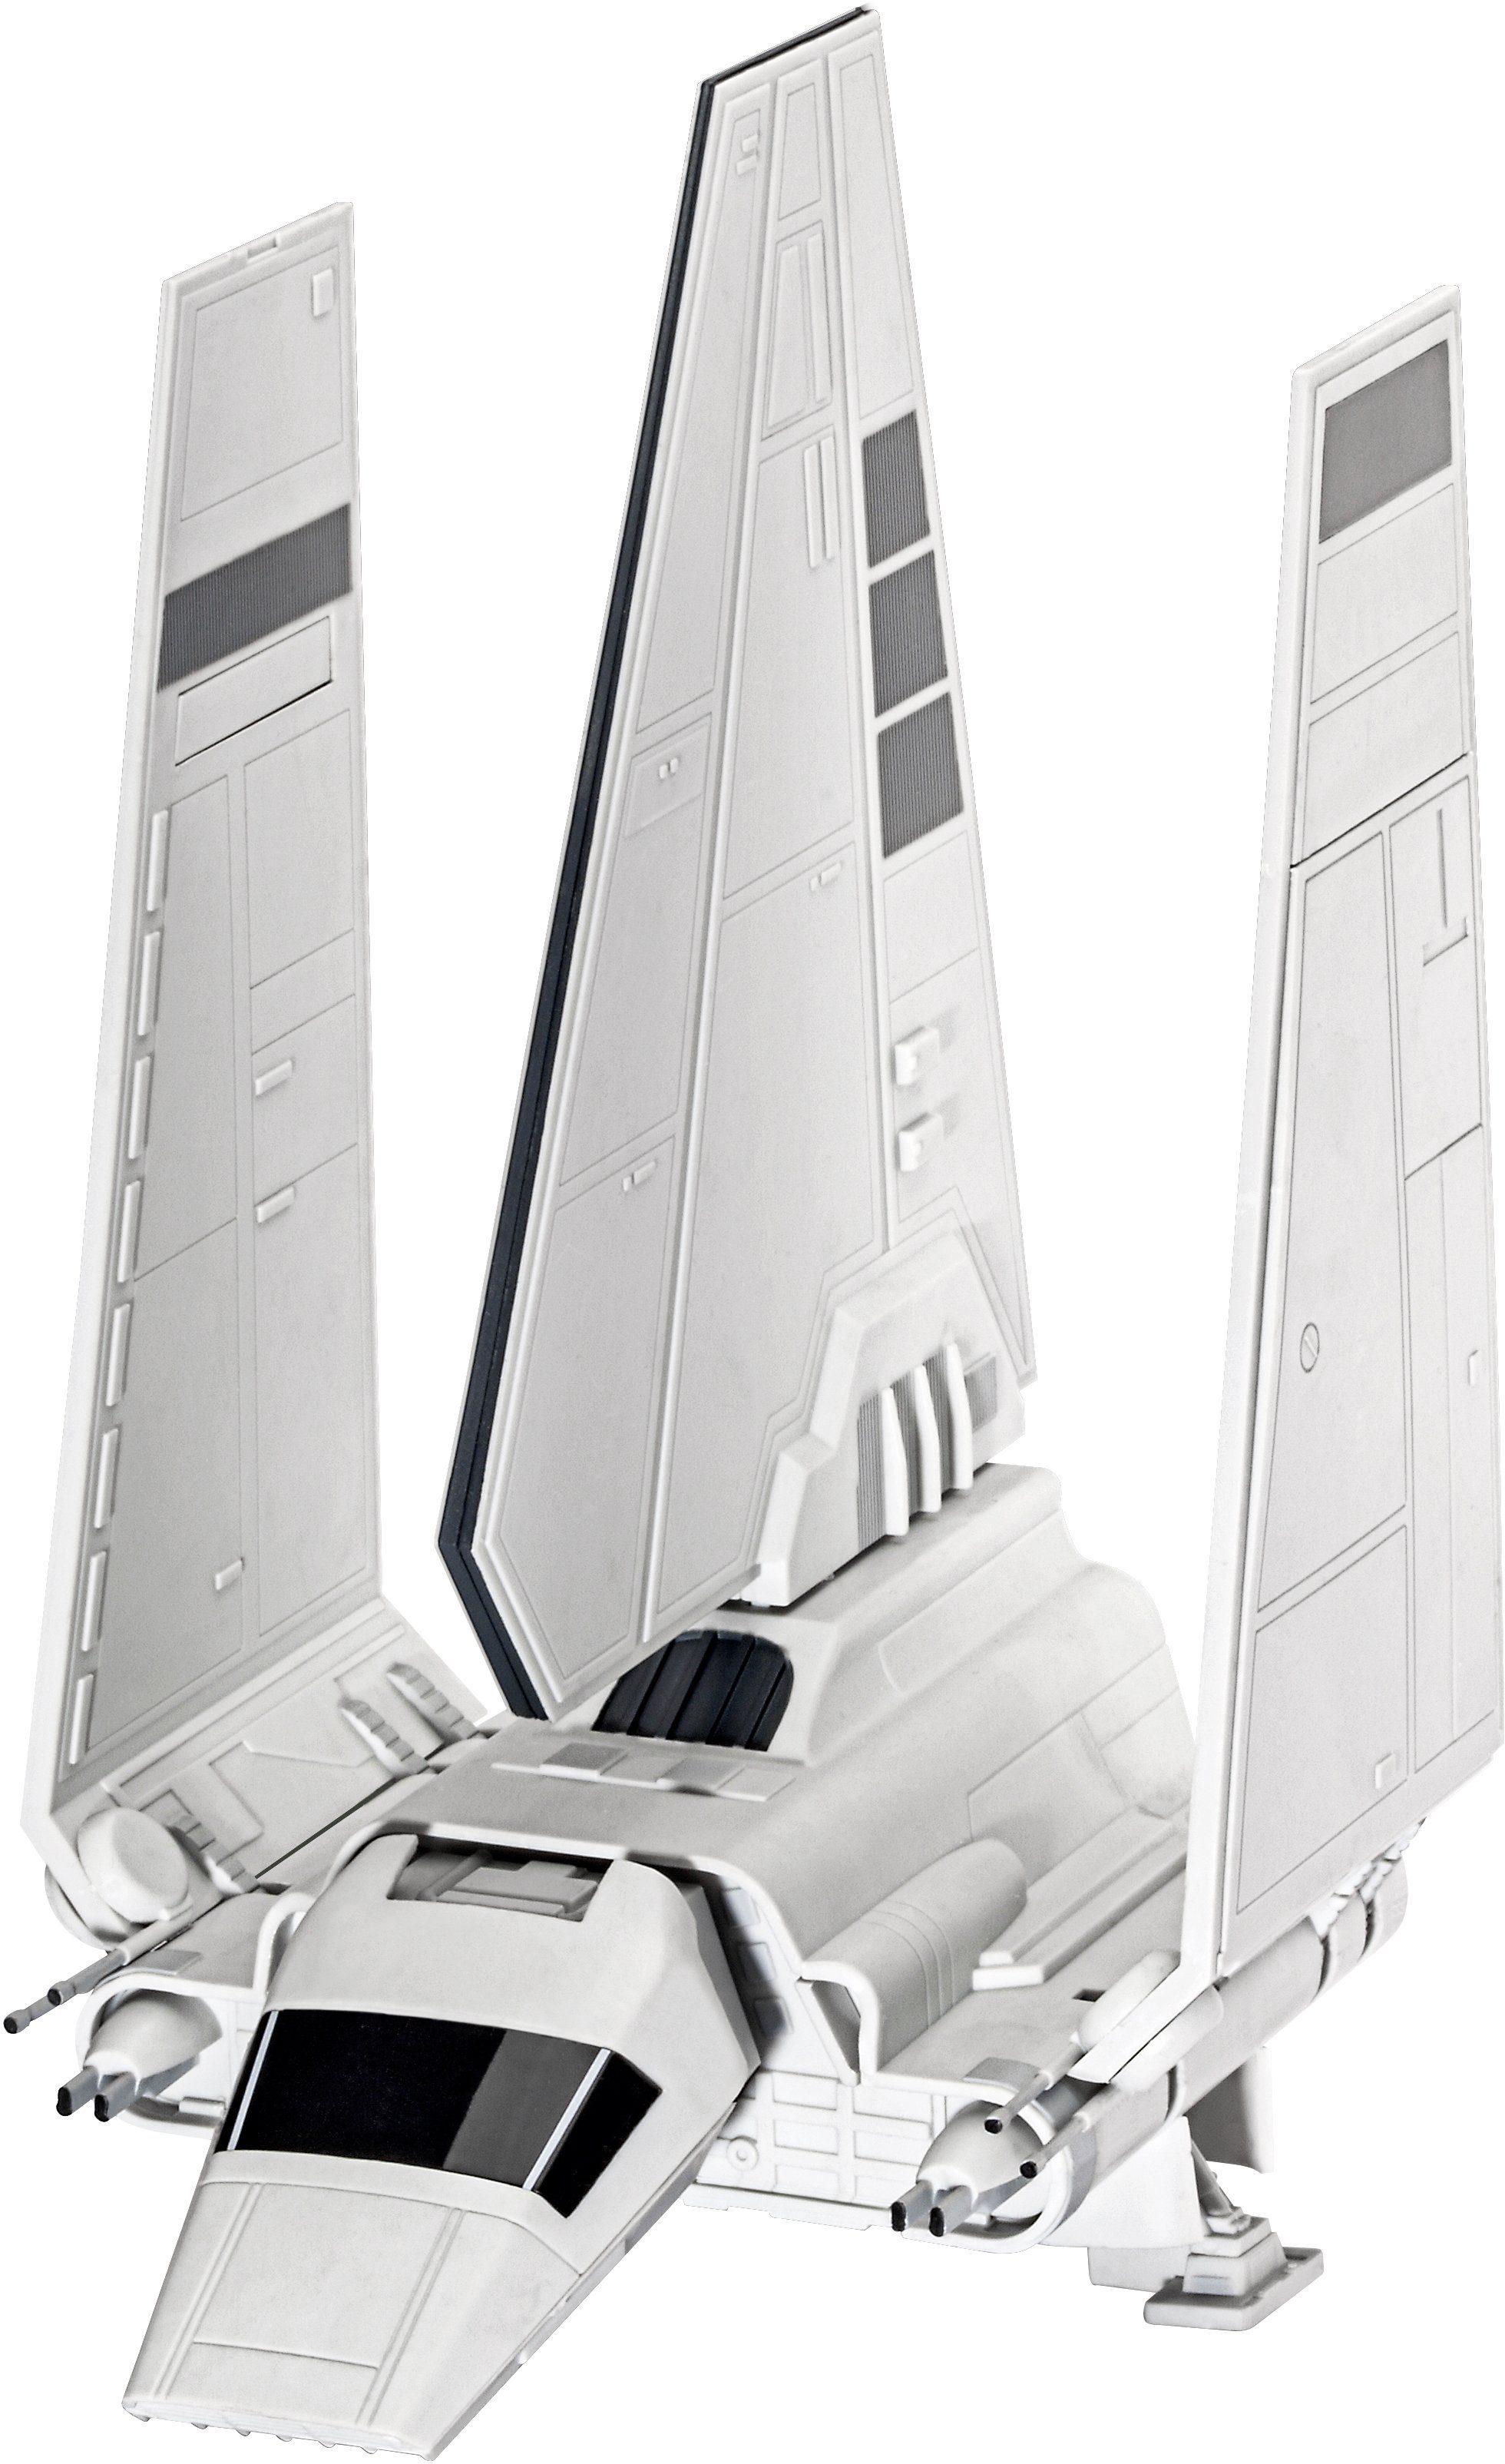 Revell Modellbausatz zum Stecken, »Easykit, Disney Star Wars, Imperial Shuttle Tydrium«